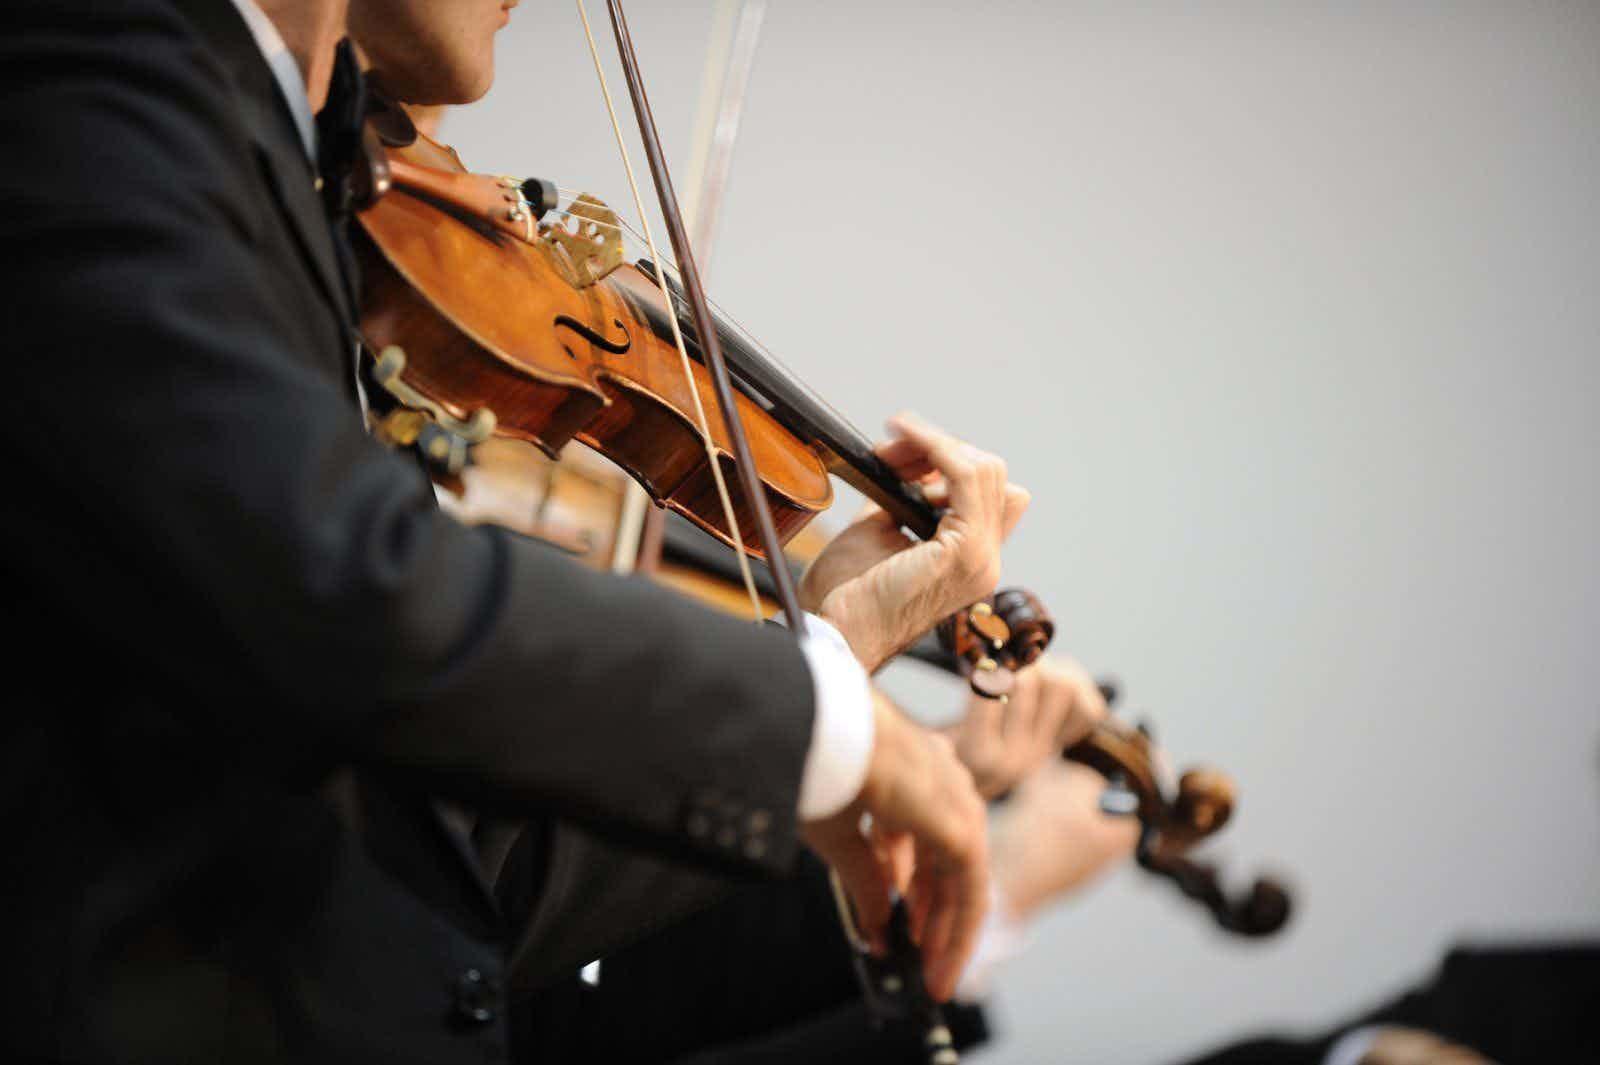 violist-close-up.jpg